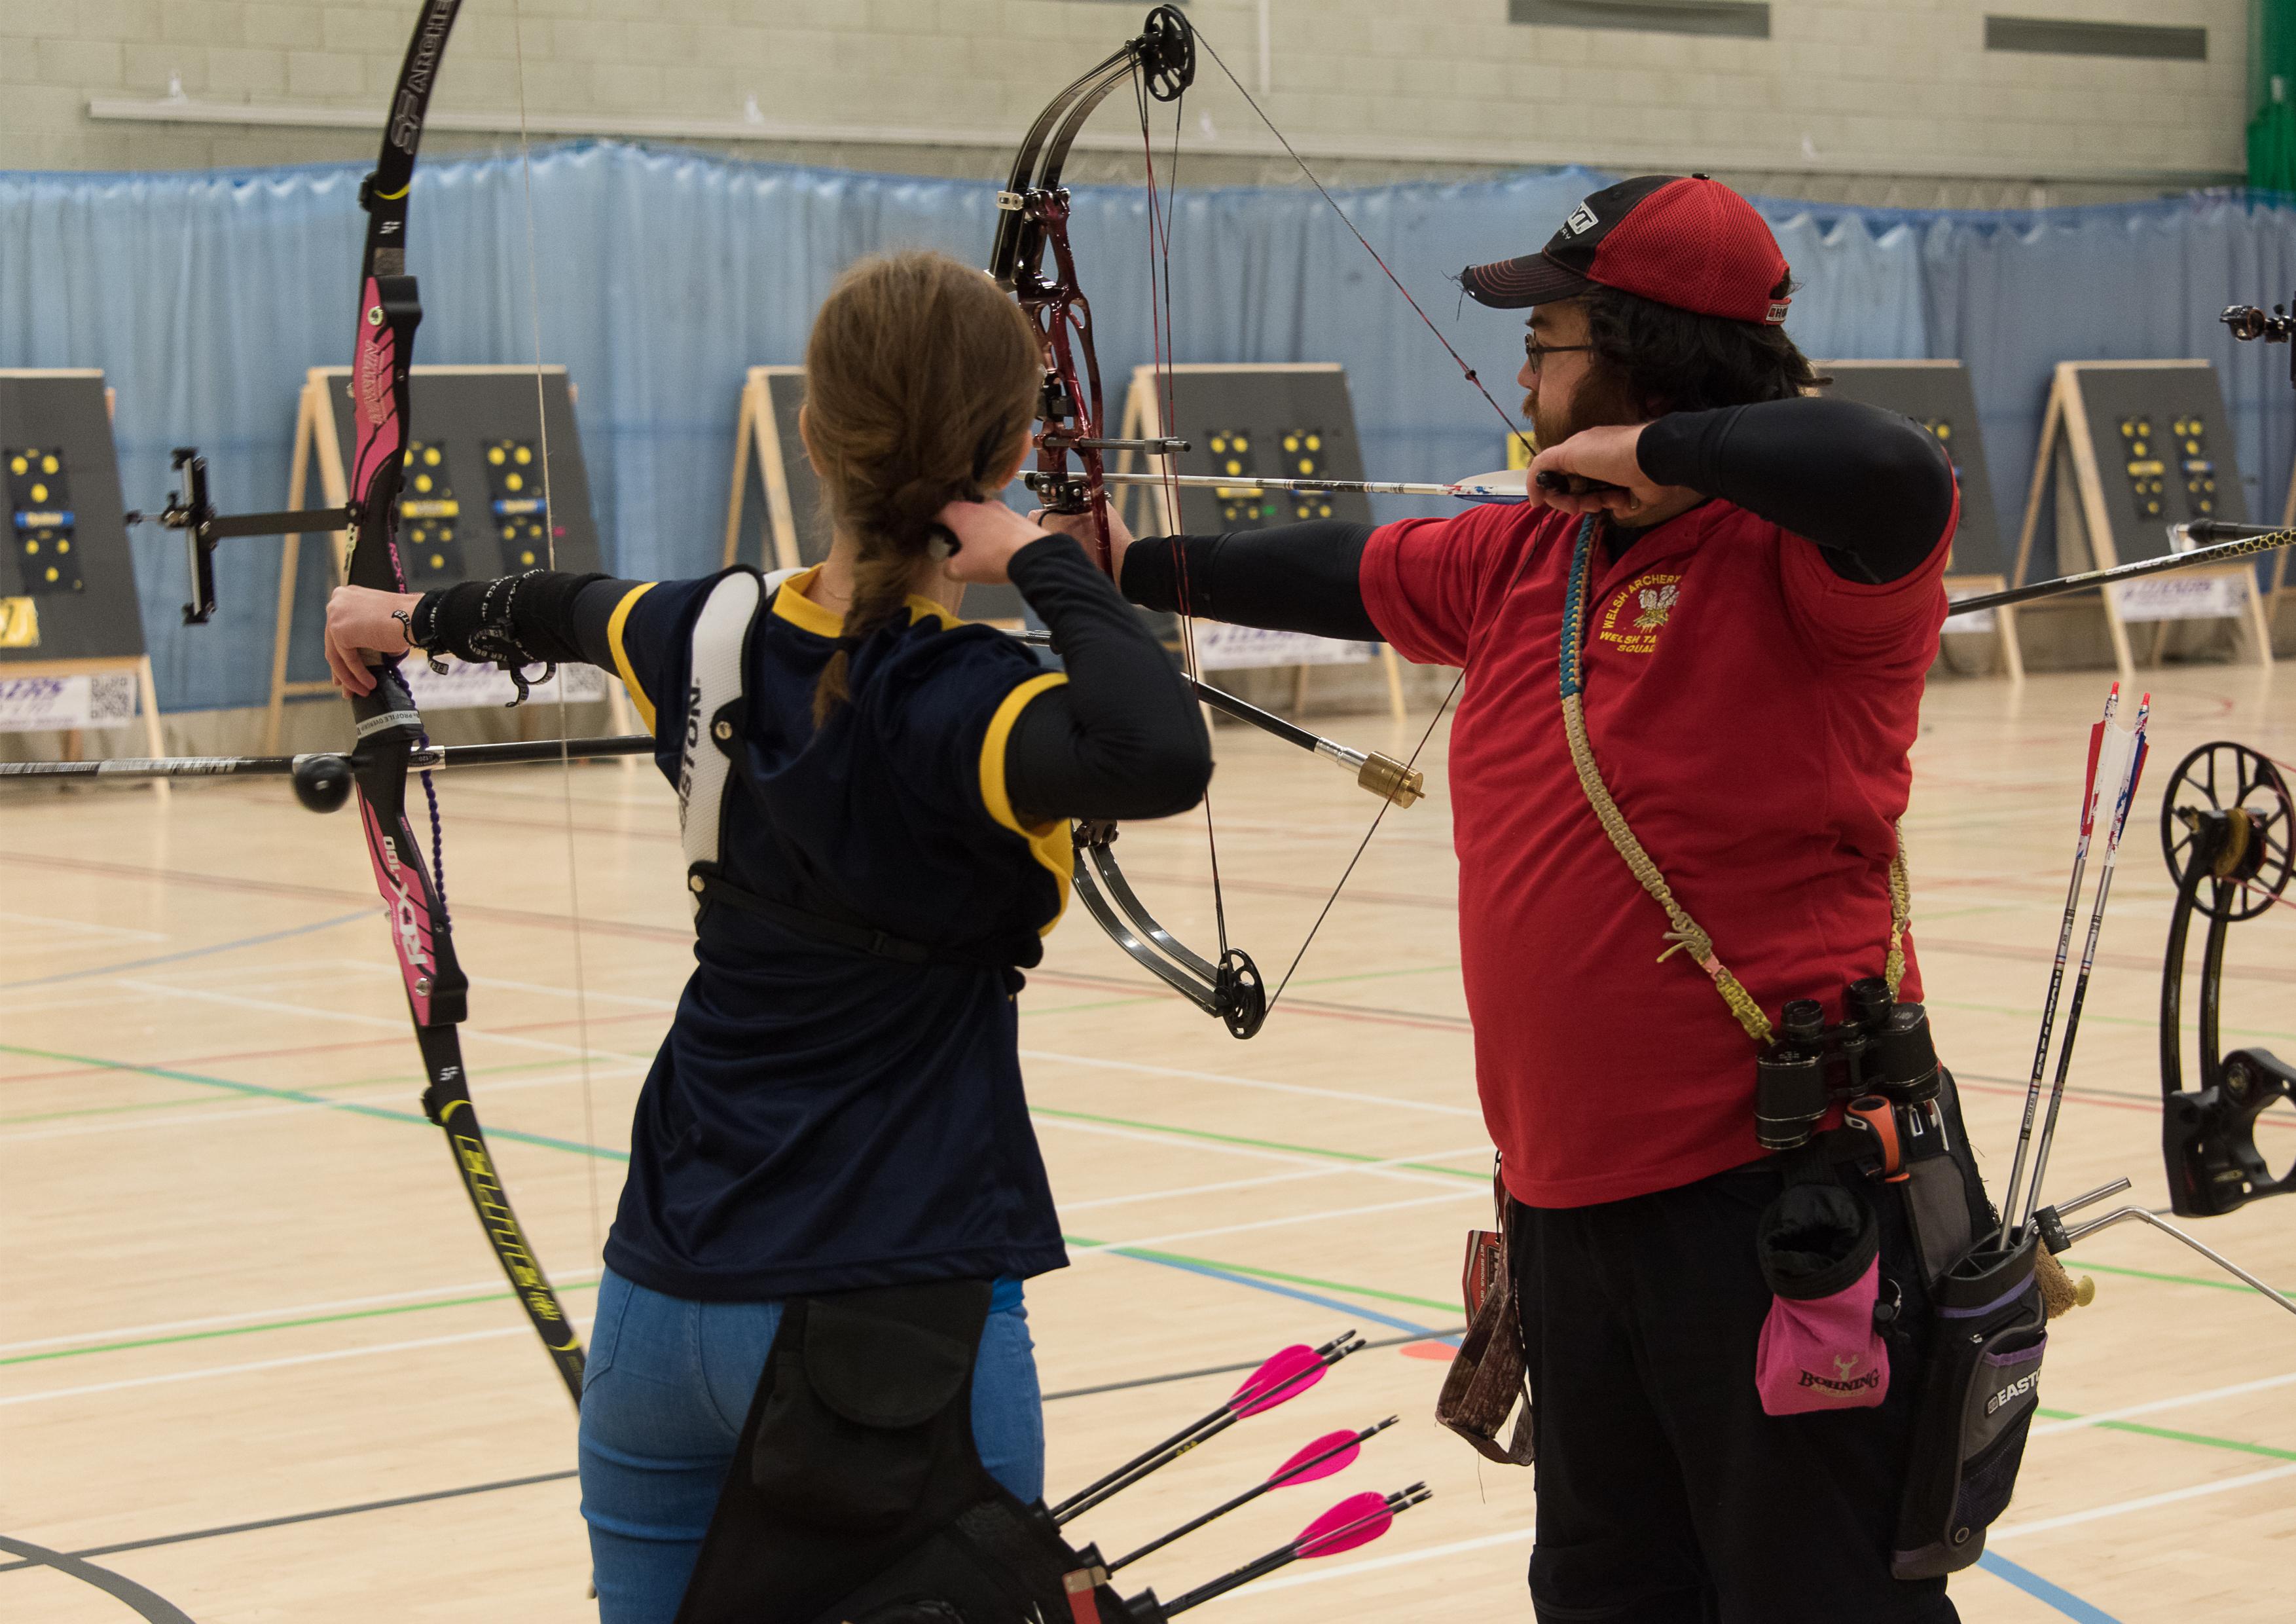 Archery. Photo: Beiter Hit-Miss